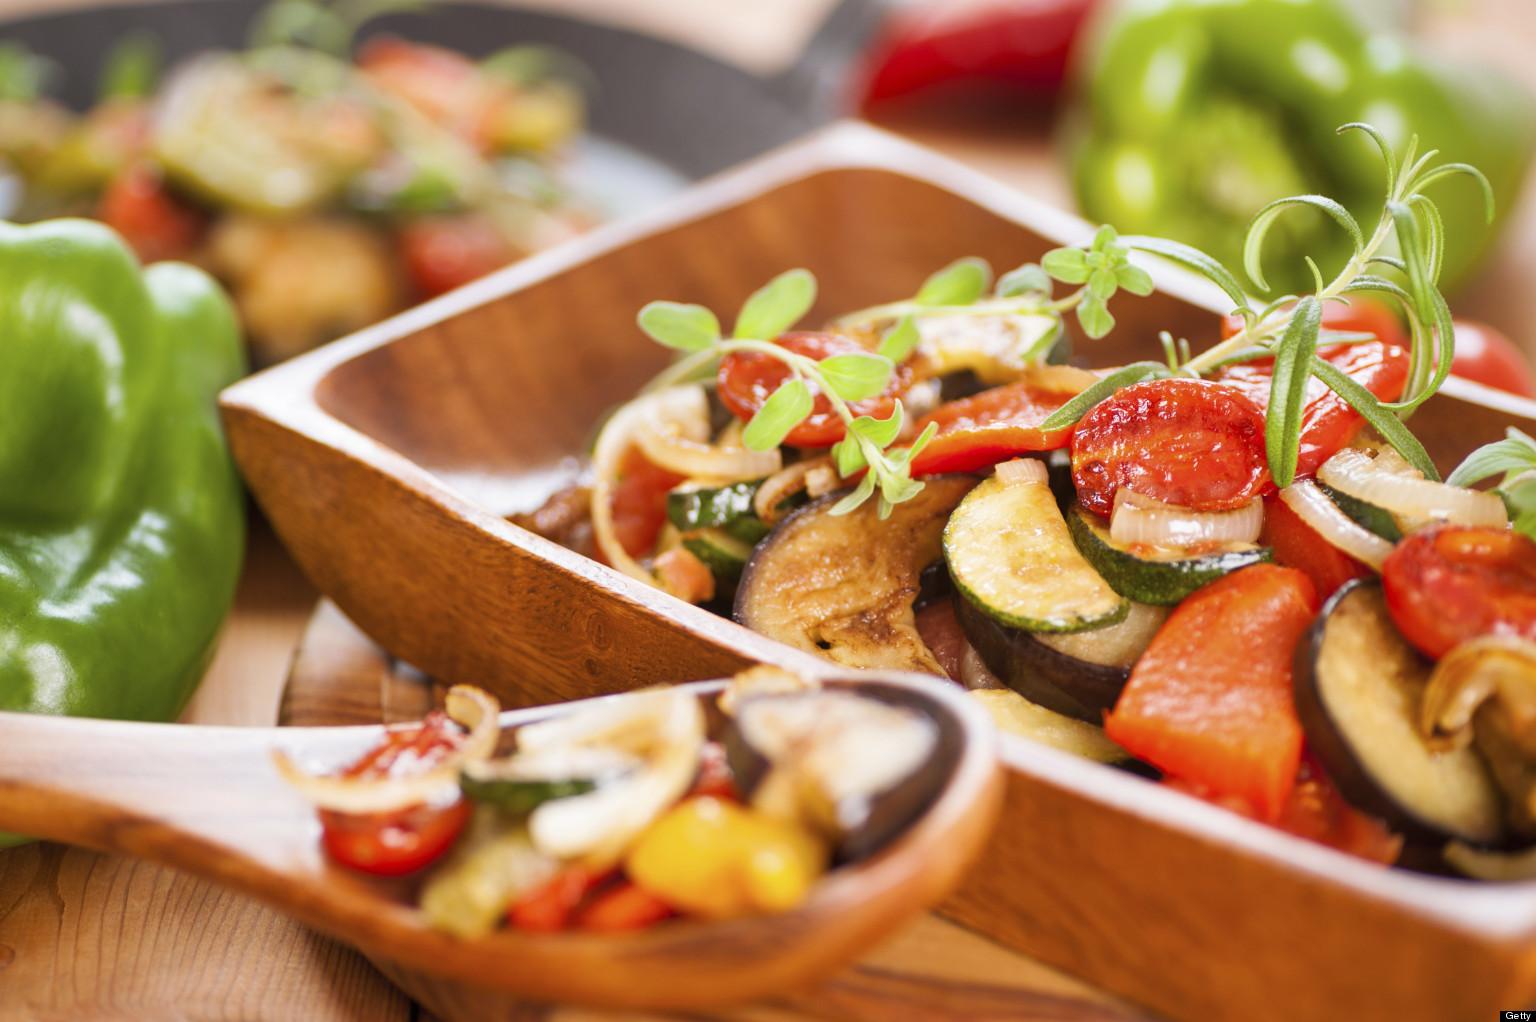 غذای ژاپنی ، زندگی مدیترانه ای ، آلپاساگیتای ایتالیایی